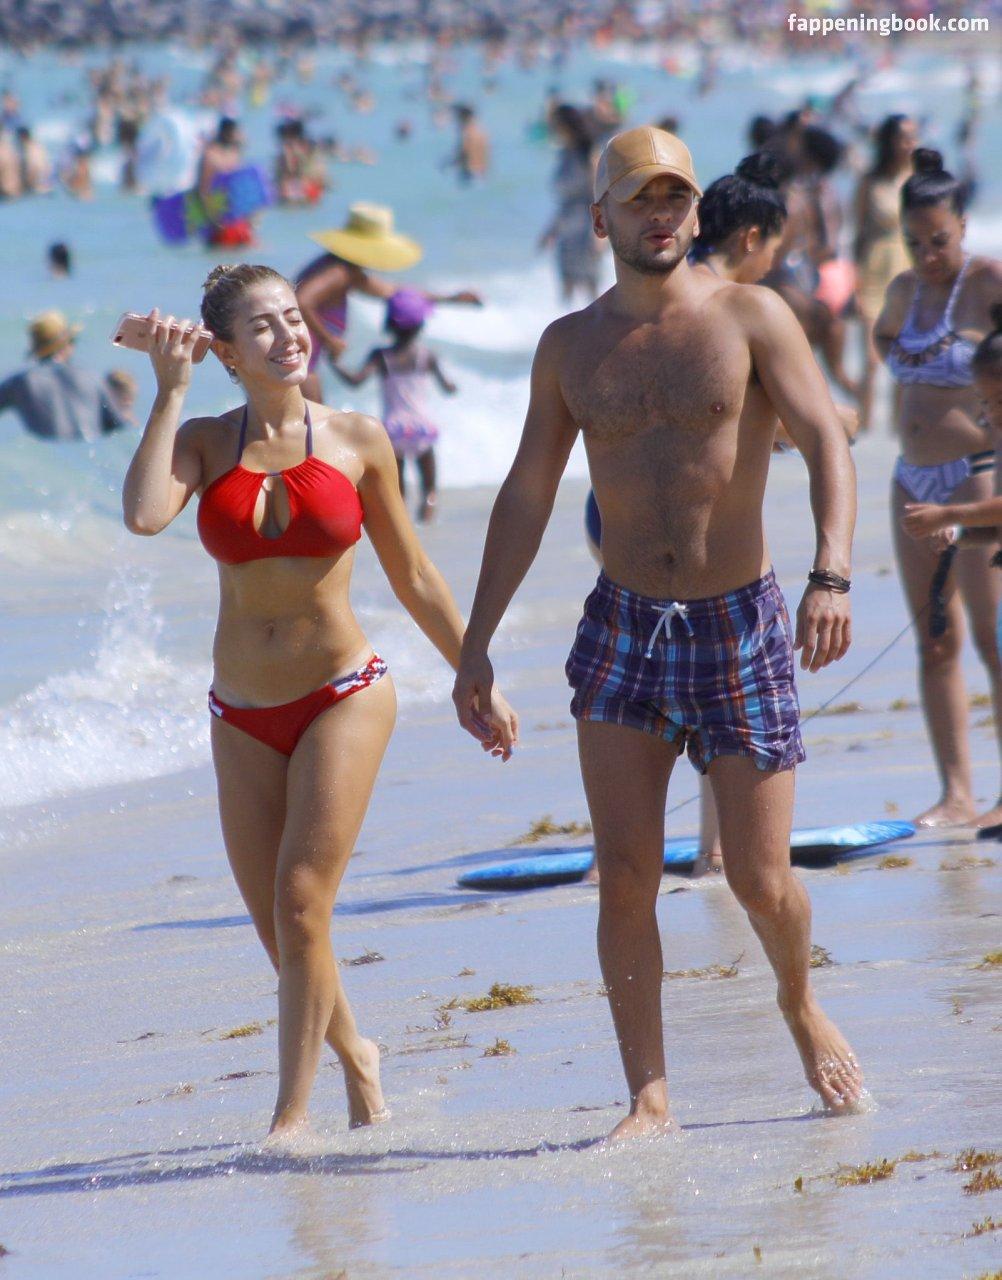 Orsini nude valeria TheFappening: Valeria